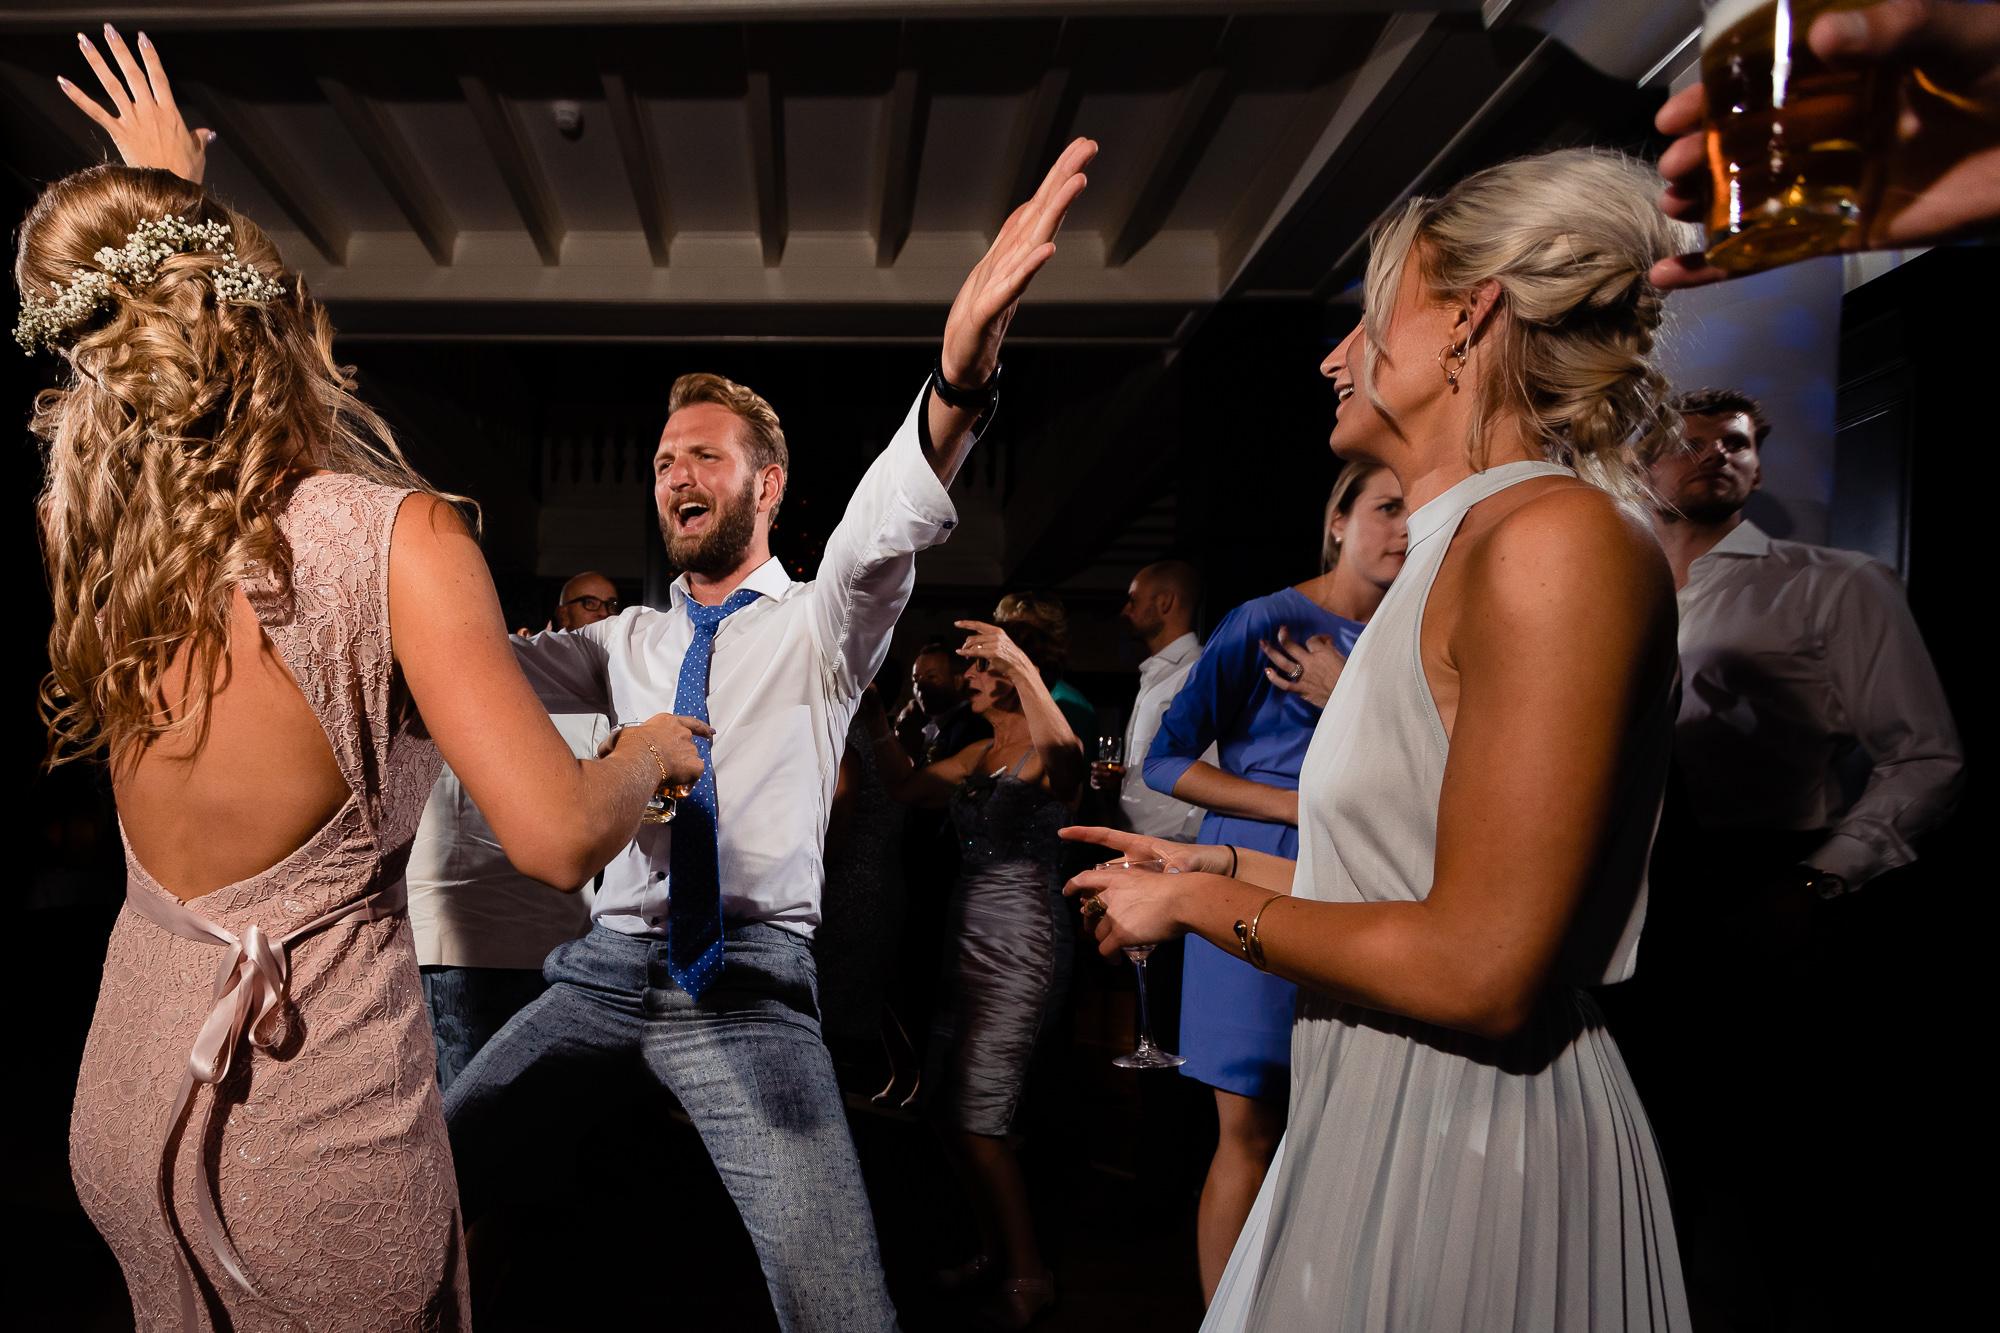 Broer van de bruid wild aan het dansen op het trouwfeest